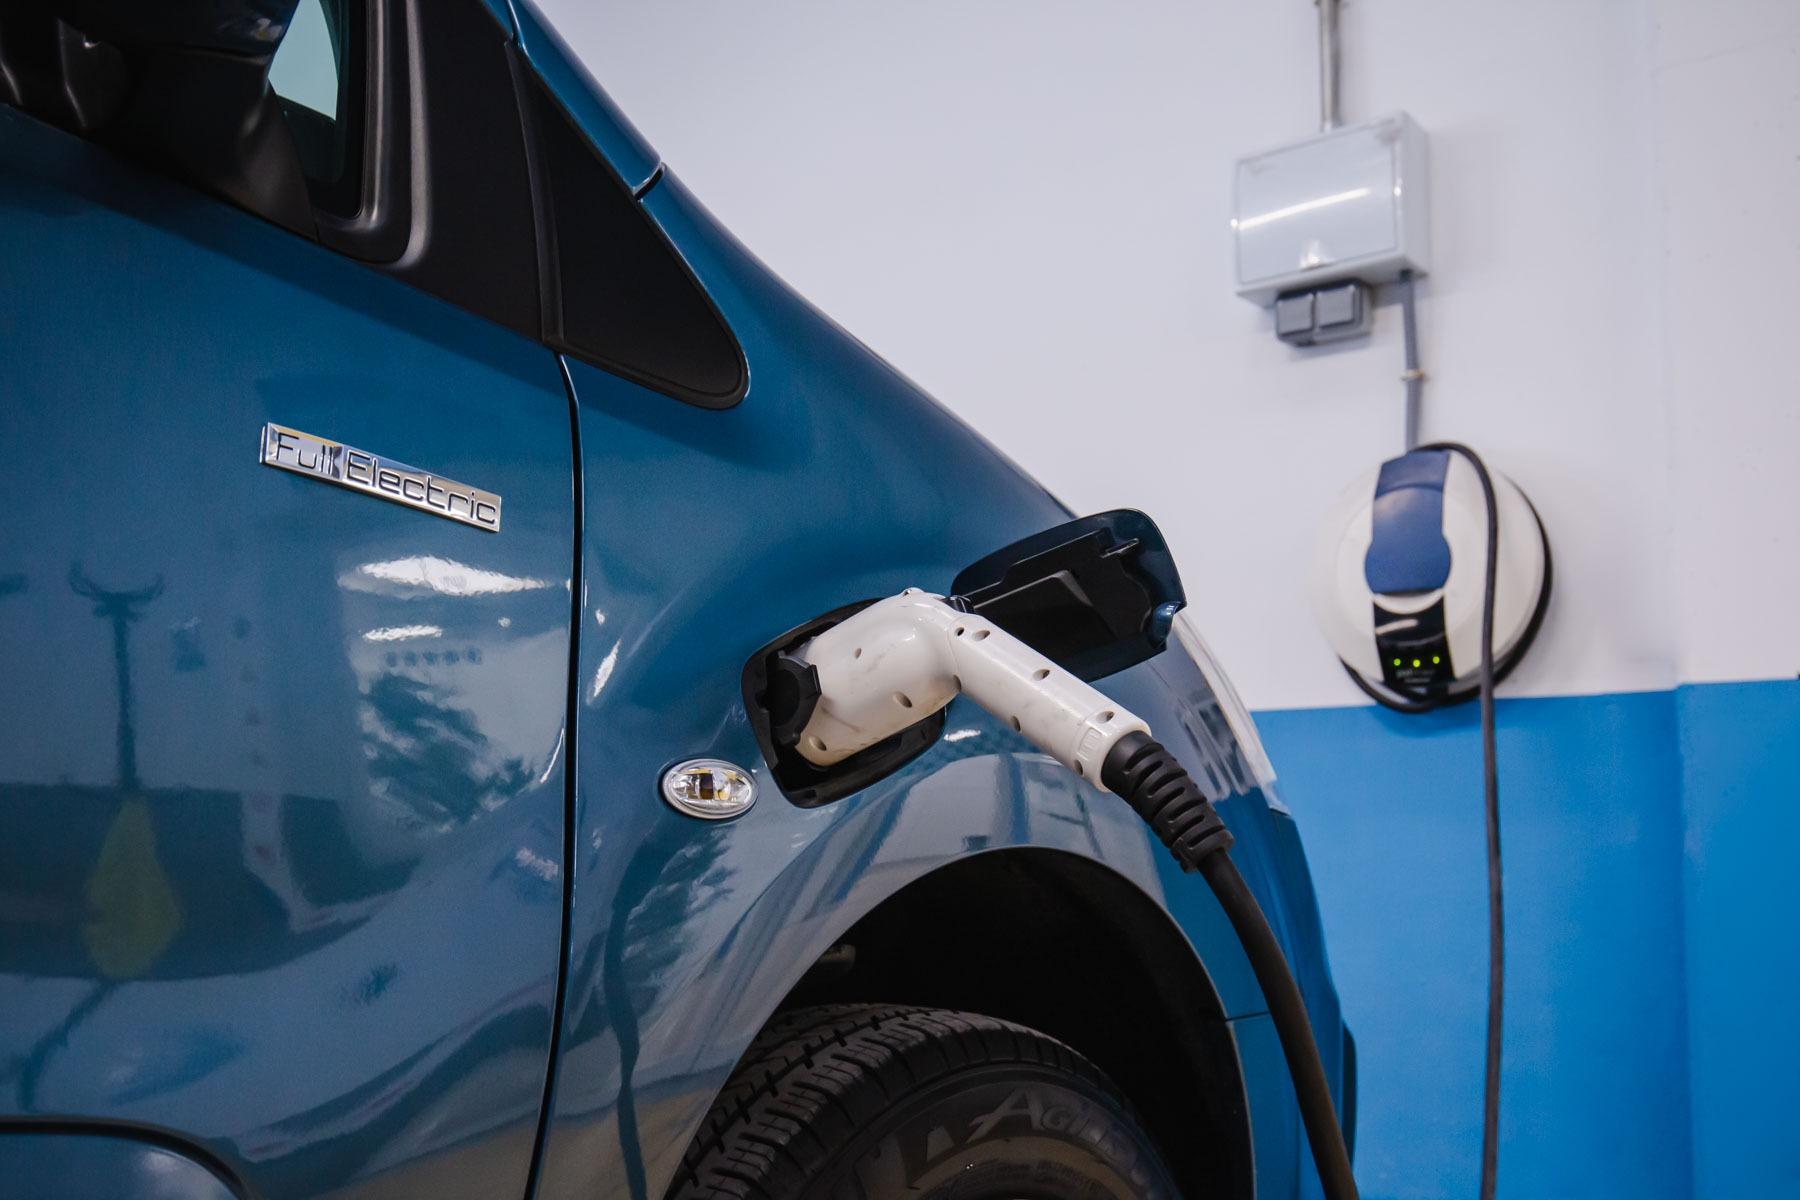 Consejos para cuidar la batería de tu coche eléctrico